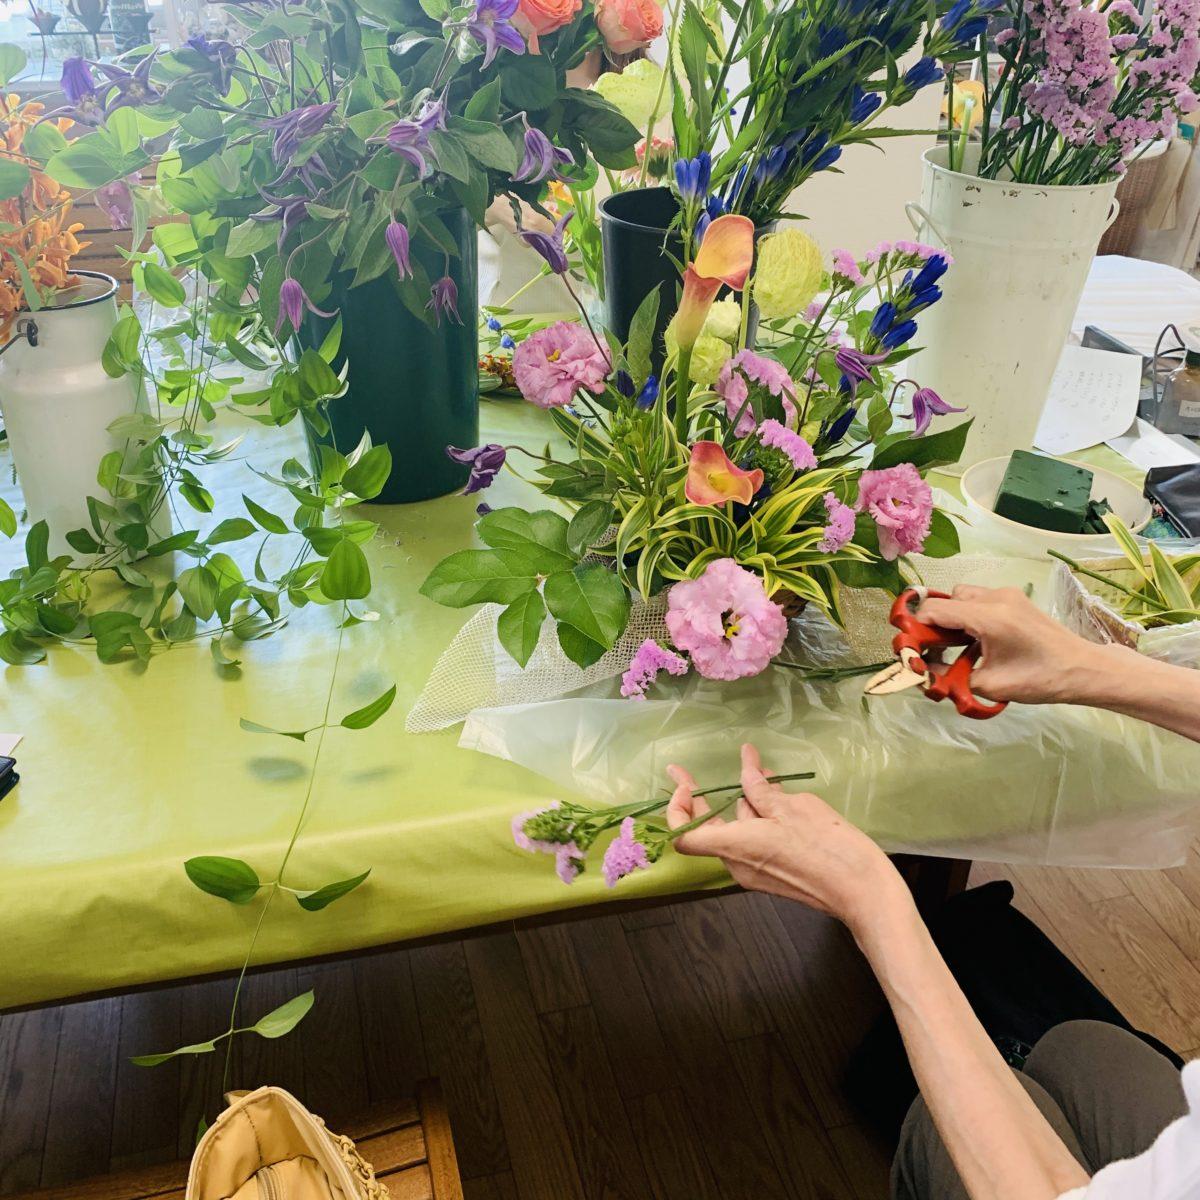 お花教室で勘を磨くと防犯にも役立つ?